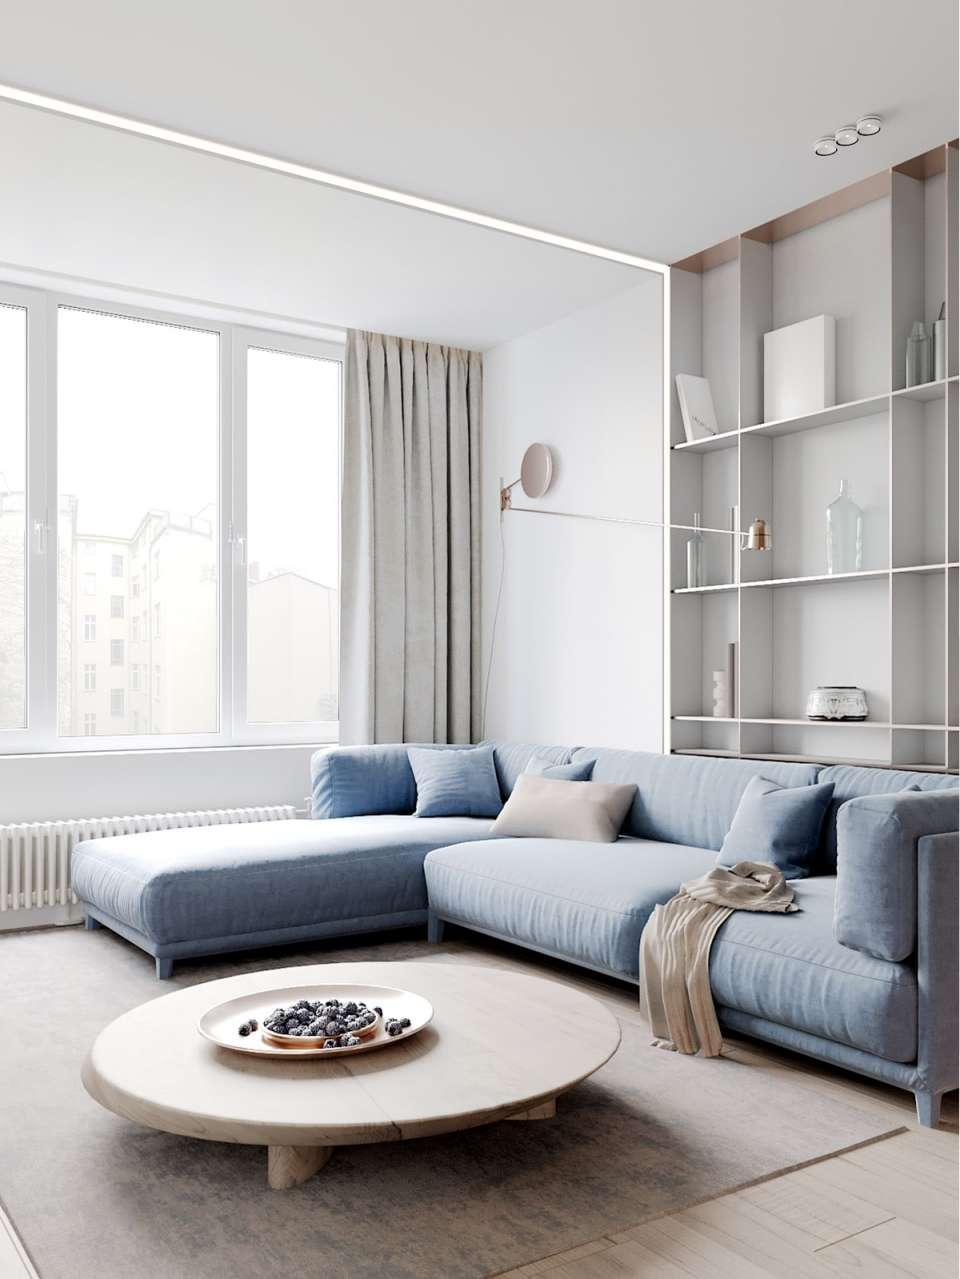 آپارتمان با رنگ پاستلی